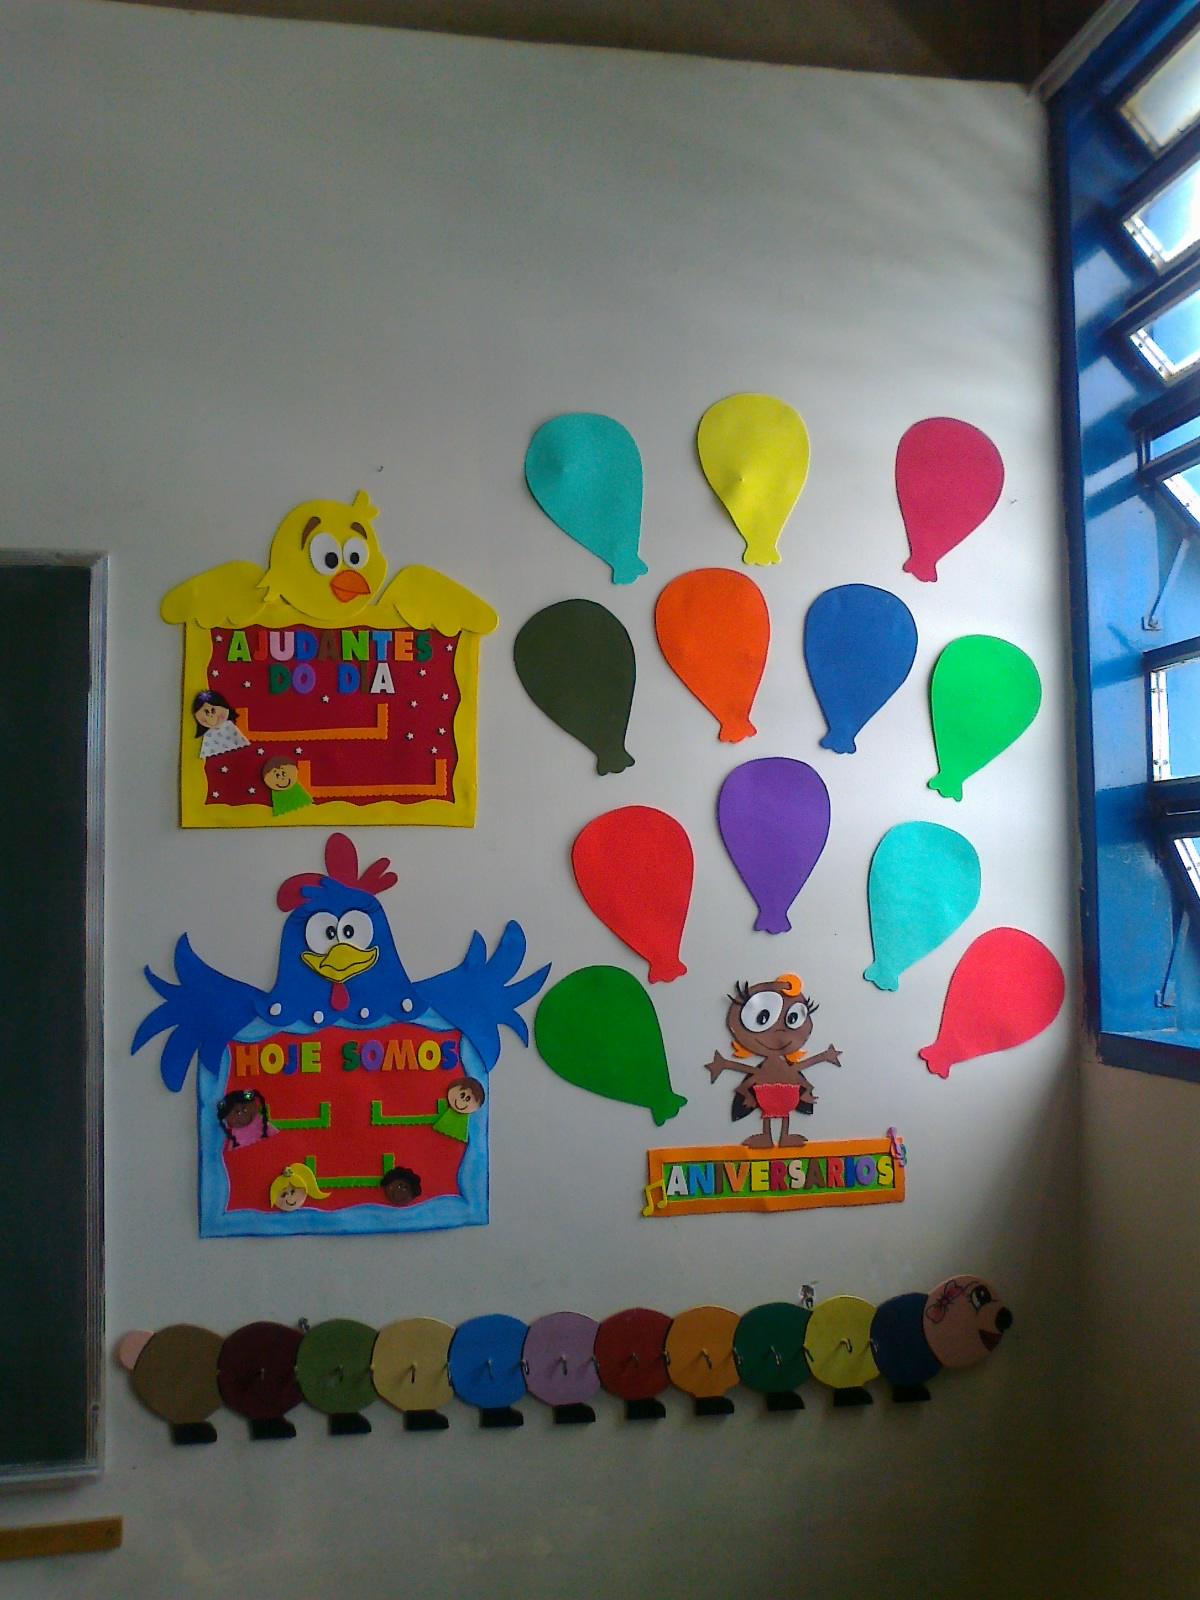 decoracao sala de aula jardim encantado:Painel De Aniversario Para Decoracao De Sala De Aula Para O 3o Ano Do